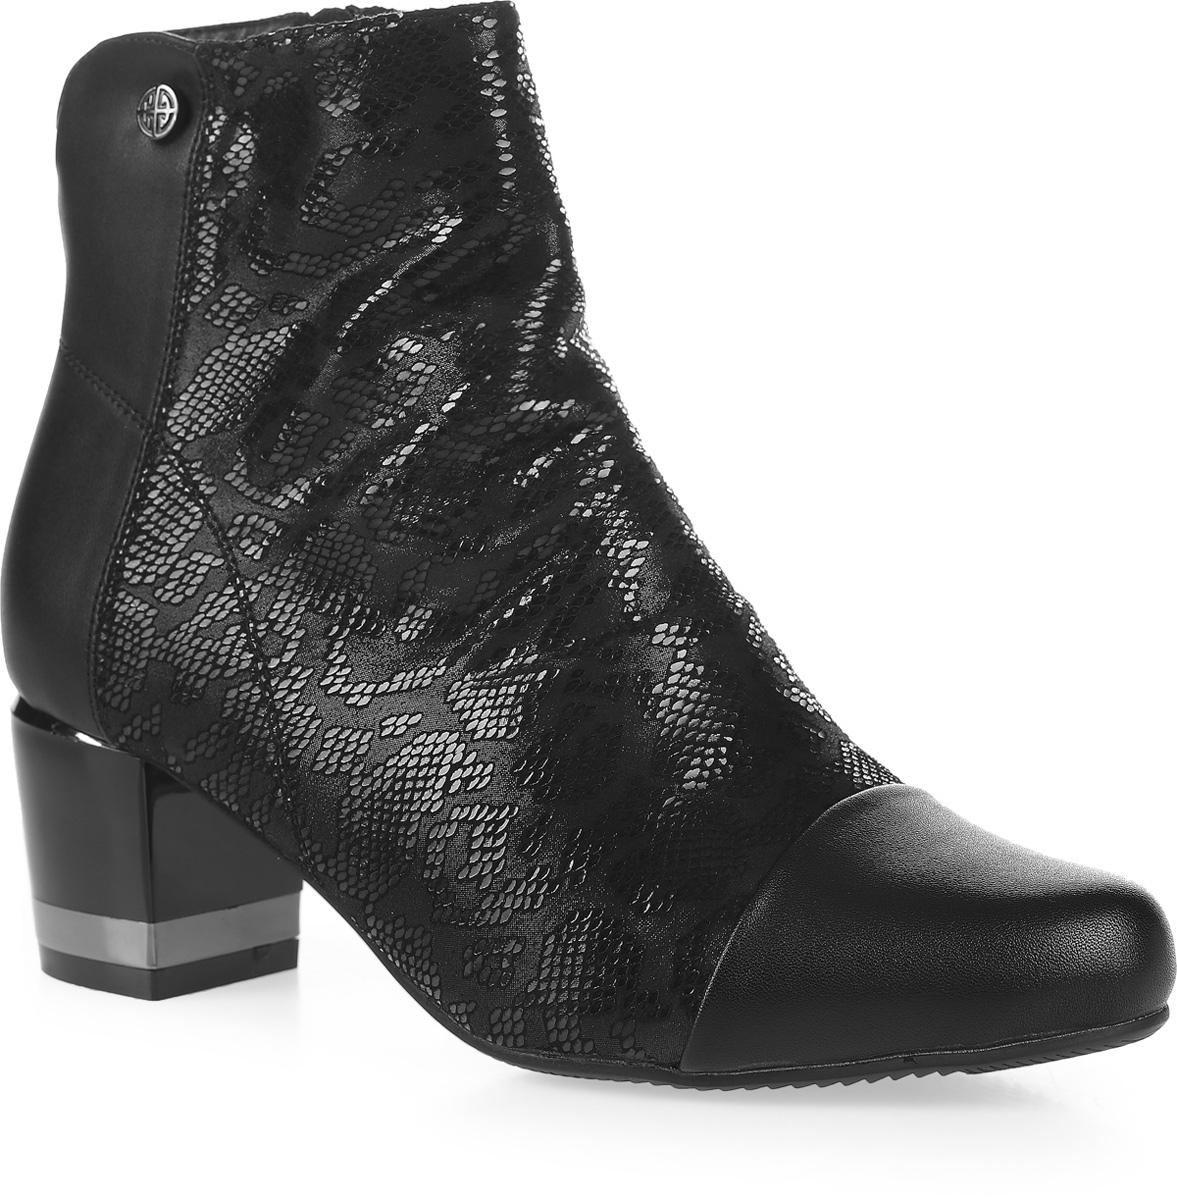 Ботильоны женские Avenir, цвет: черный. 2323-JN70129B. Размер 412323-JN70129BЭффектные ботильоны от Avenirt займут достойное место в вашем гардеробе. Модель выполнена из искусственной кожи и текстиля с оригинальным принтом. Изделие застегивается на боковую застежку-молнию и надежно фиксирует обувь на ноге. Подкладка и стелька, выполненные избайки, защитят ваши ноги от холода и обеспечат комфорт. Рифленая поверхность каблука и подошвы защищает изделие от скольжения. Модные ботильоны помогут вам создать яркий образ!